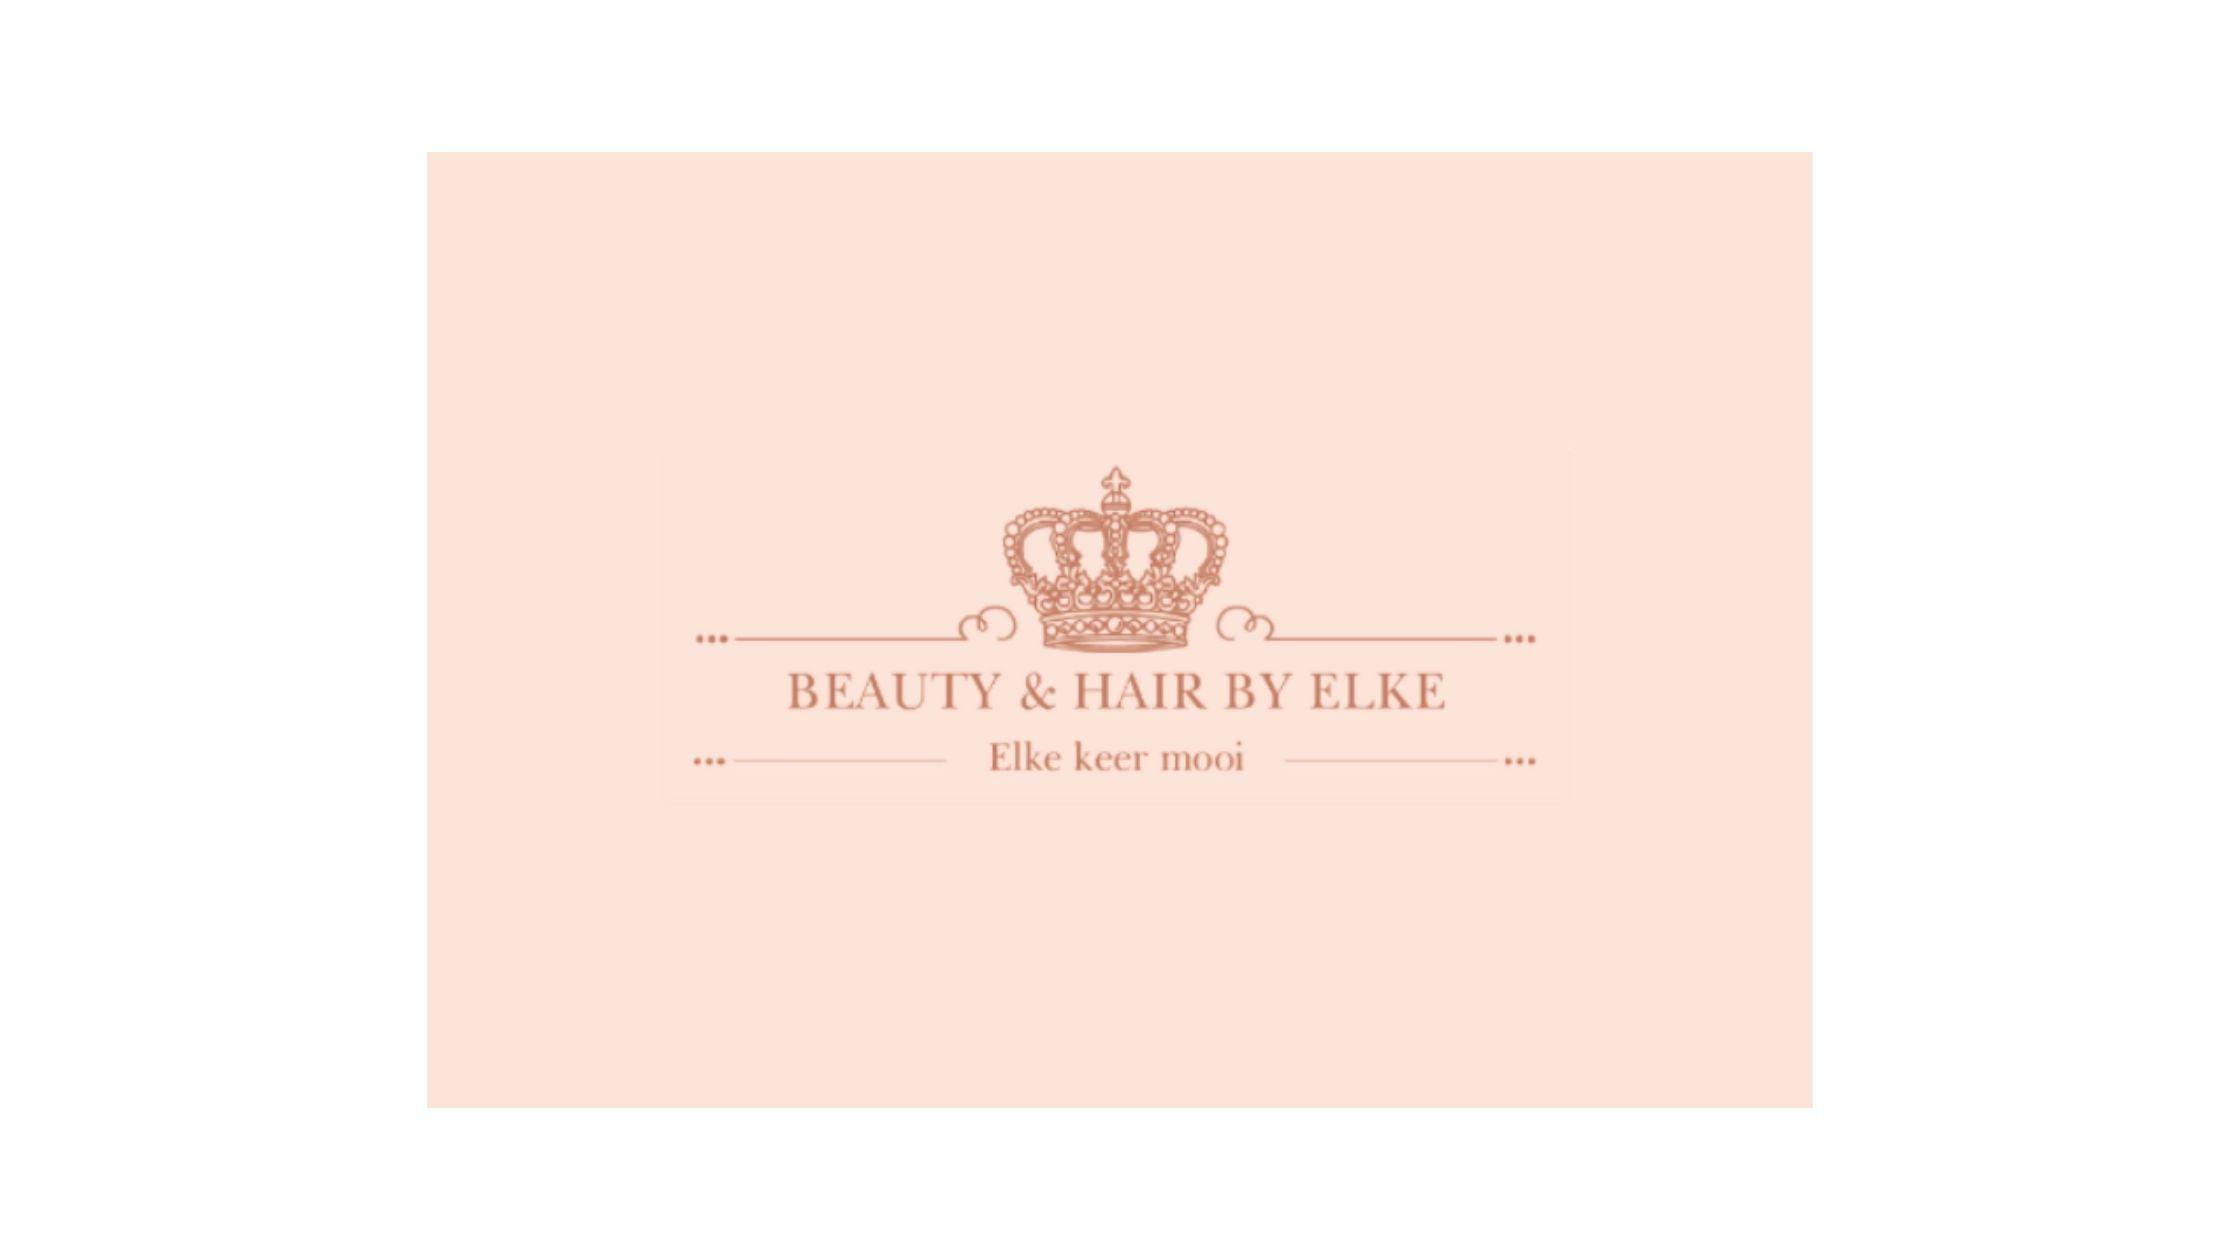 Beauty & Hair by Elke